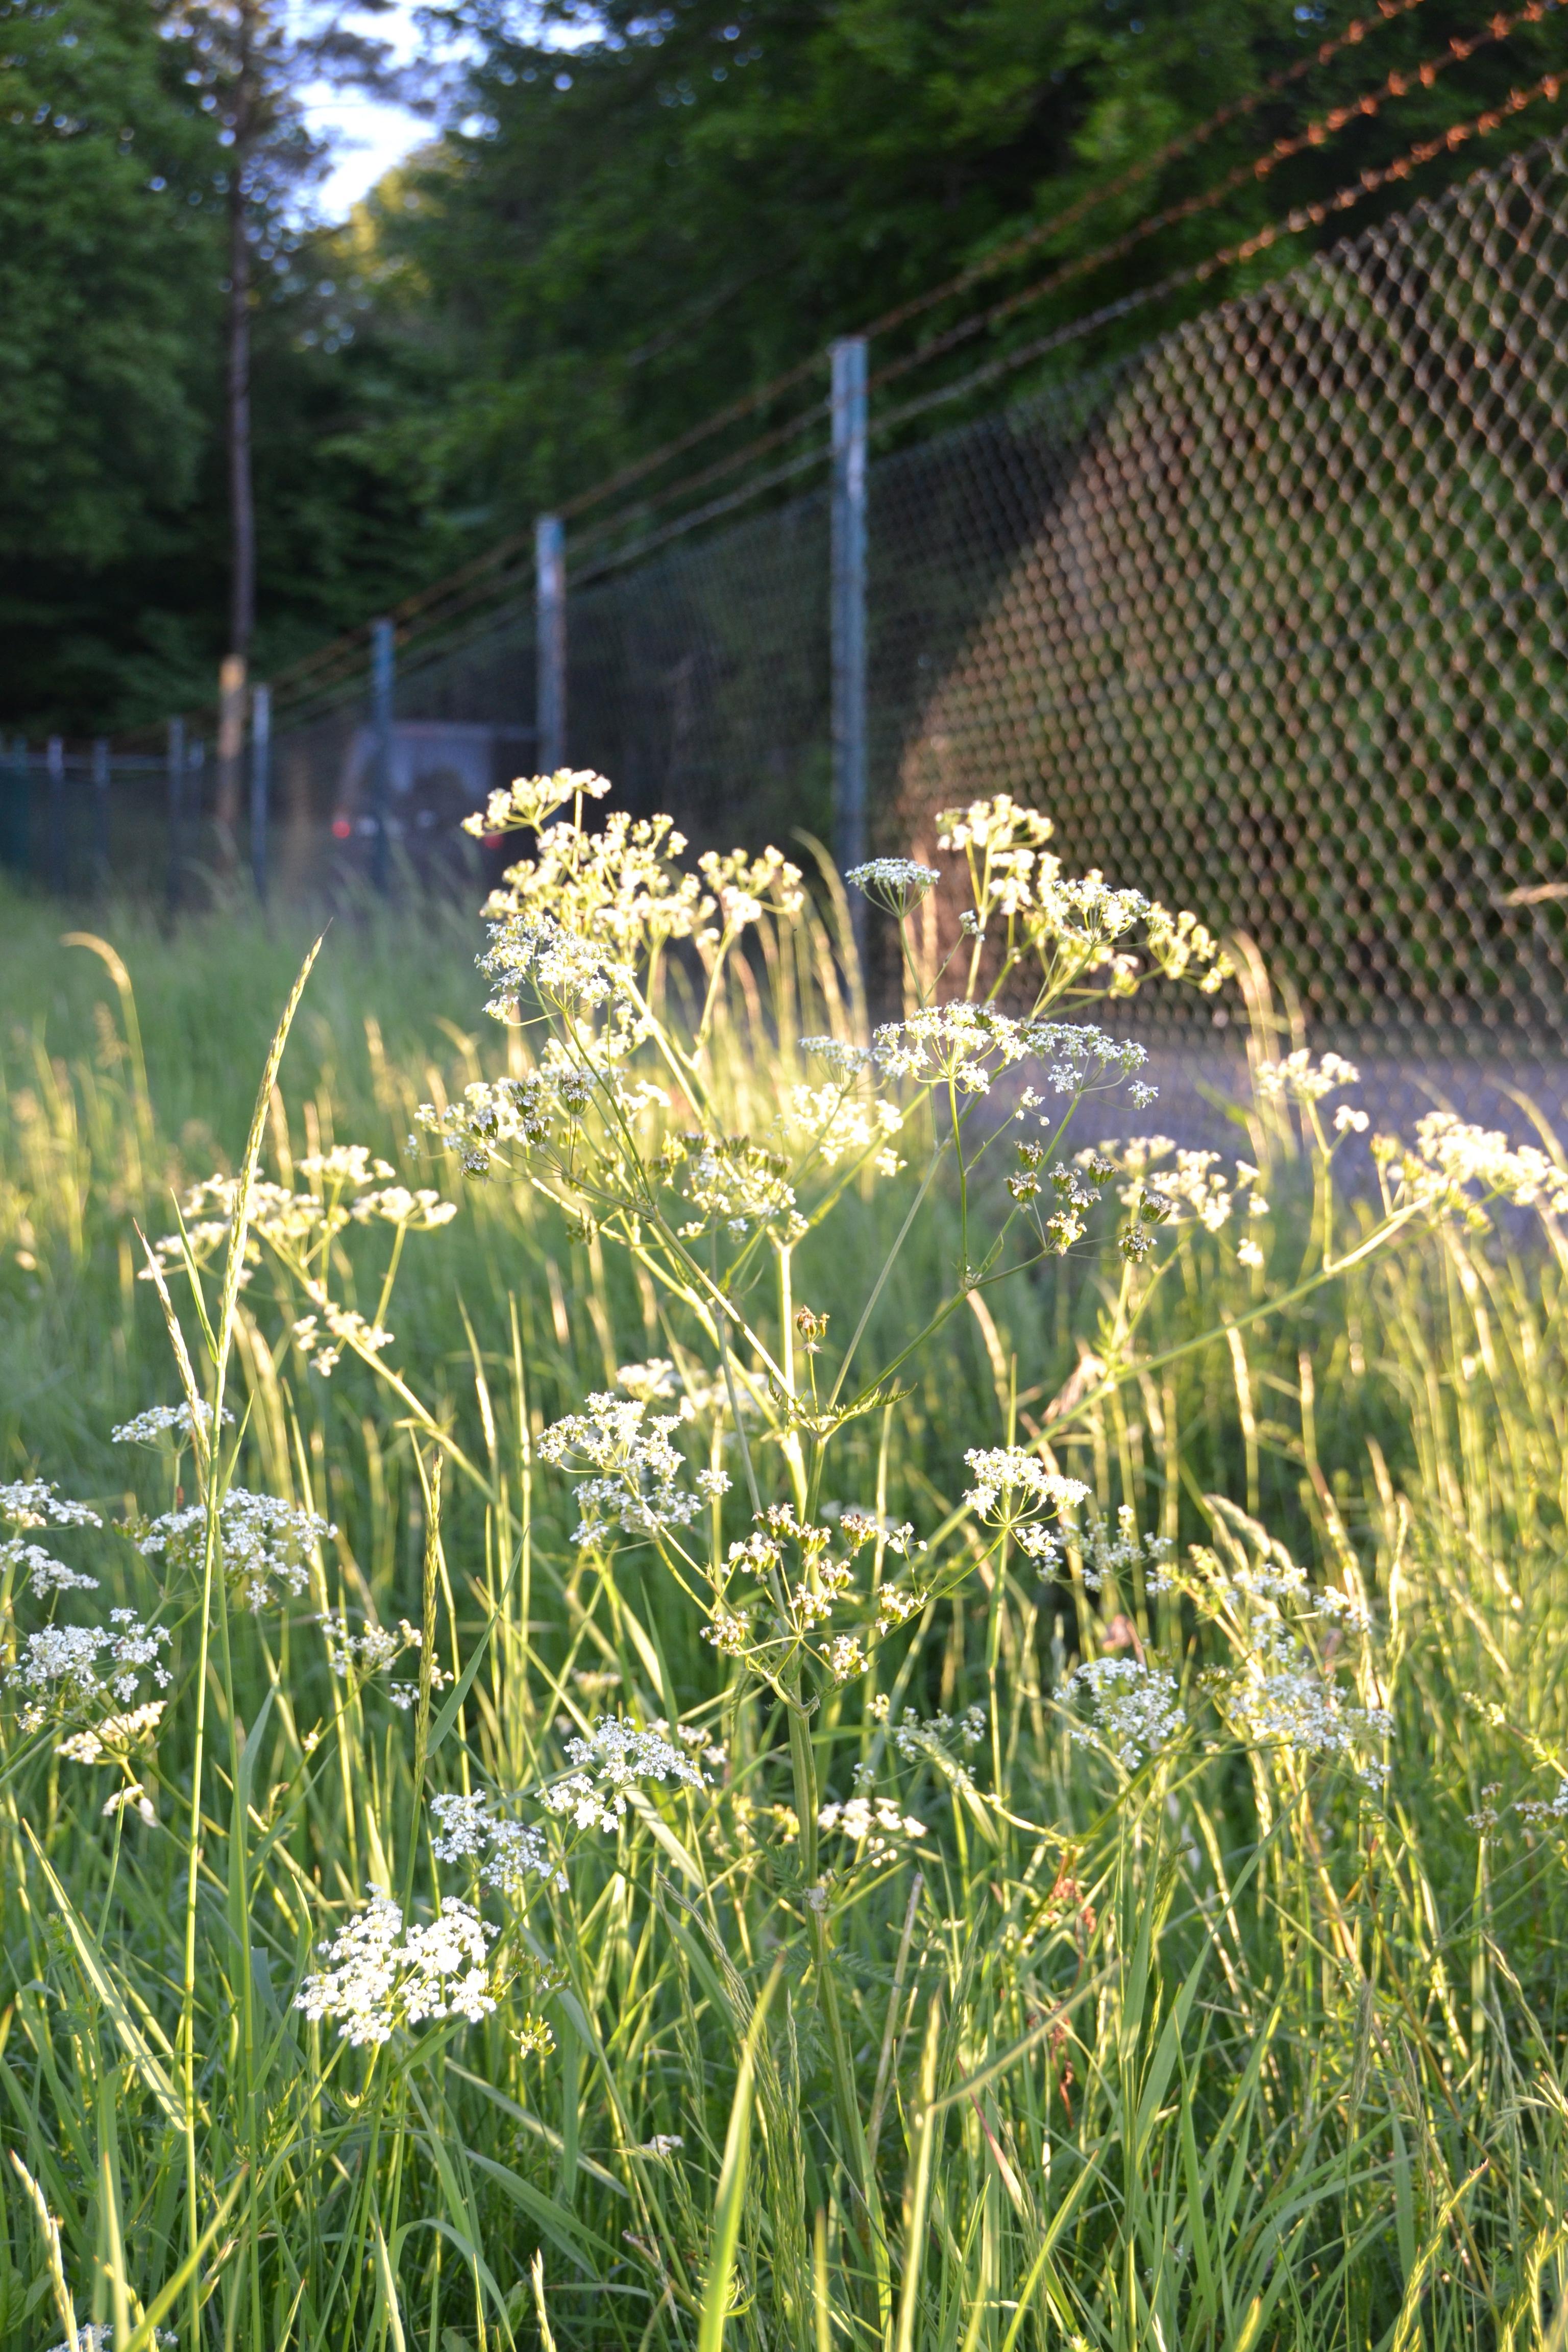 Im Vordergrund sind weiße Blütendolden und Gräser im morgendlichen Sonnenlicht - im schattigen Hintergrund der hohe Sicherheitszaun und das Heck eines dahinter patrouillierenden Militärfahrzeugs.